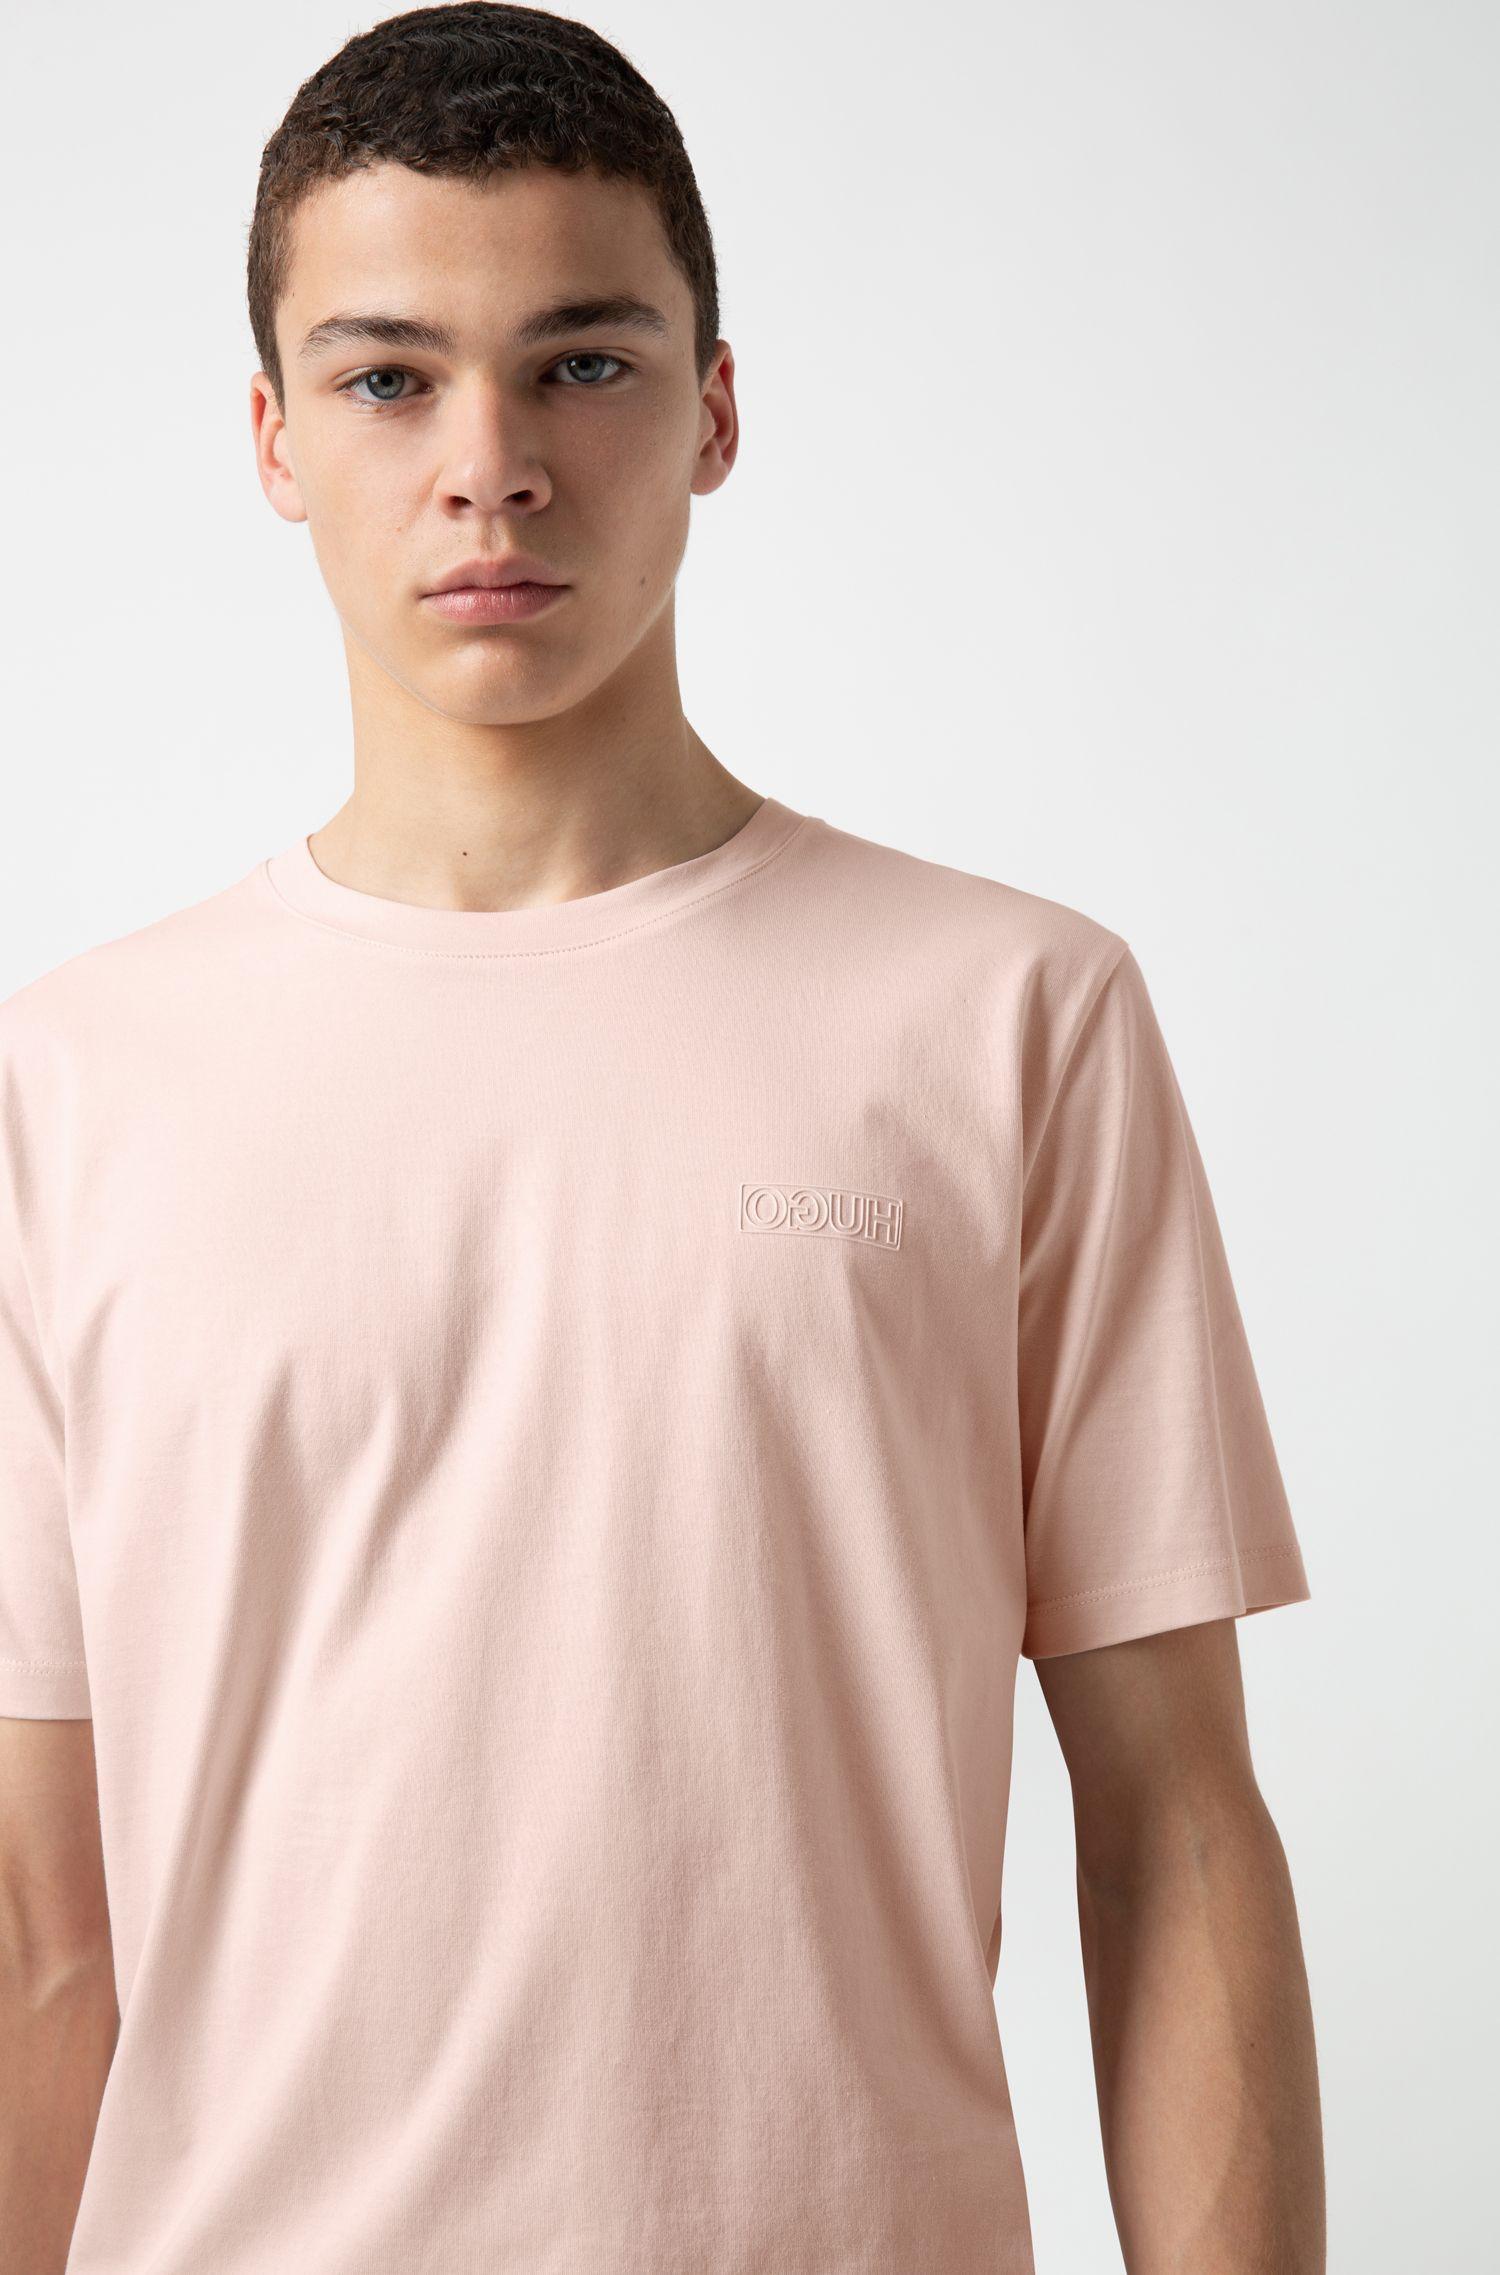 Camiseta de algodón con cuello redondo y logo tonal invertido, Rosa claro